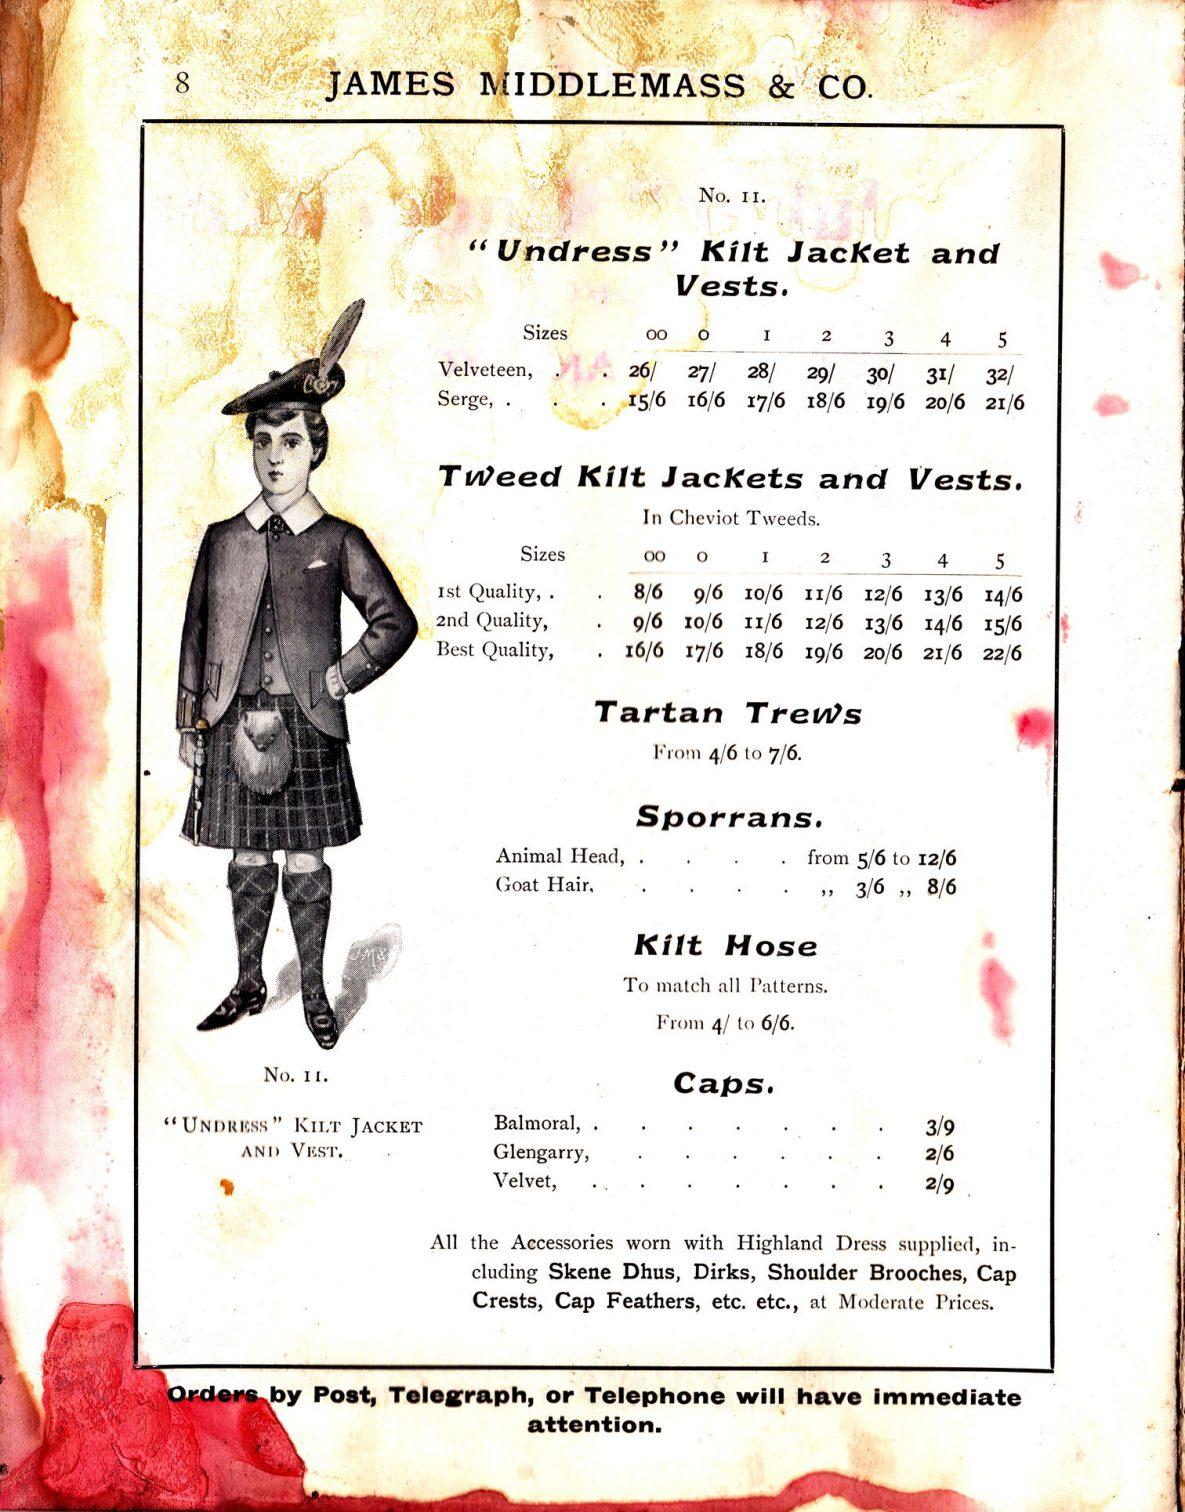 """""""Undress"""" Kilt Jacket and Vests; Tweet Kilt Jackets and Vests; Tartan Trews; Sporrans; Kilt Hose; Caps"""